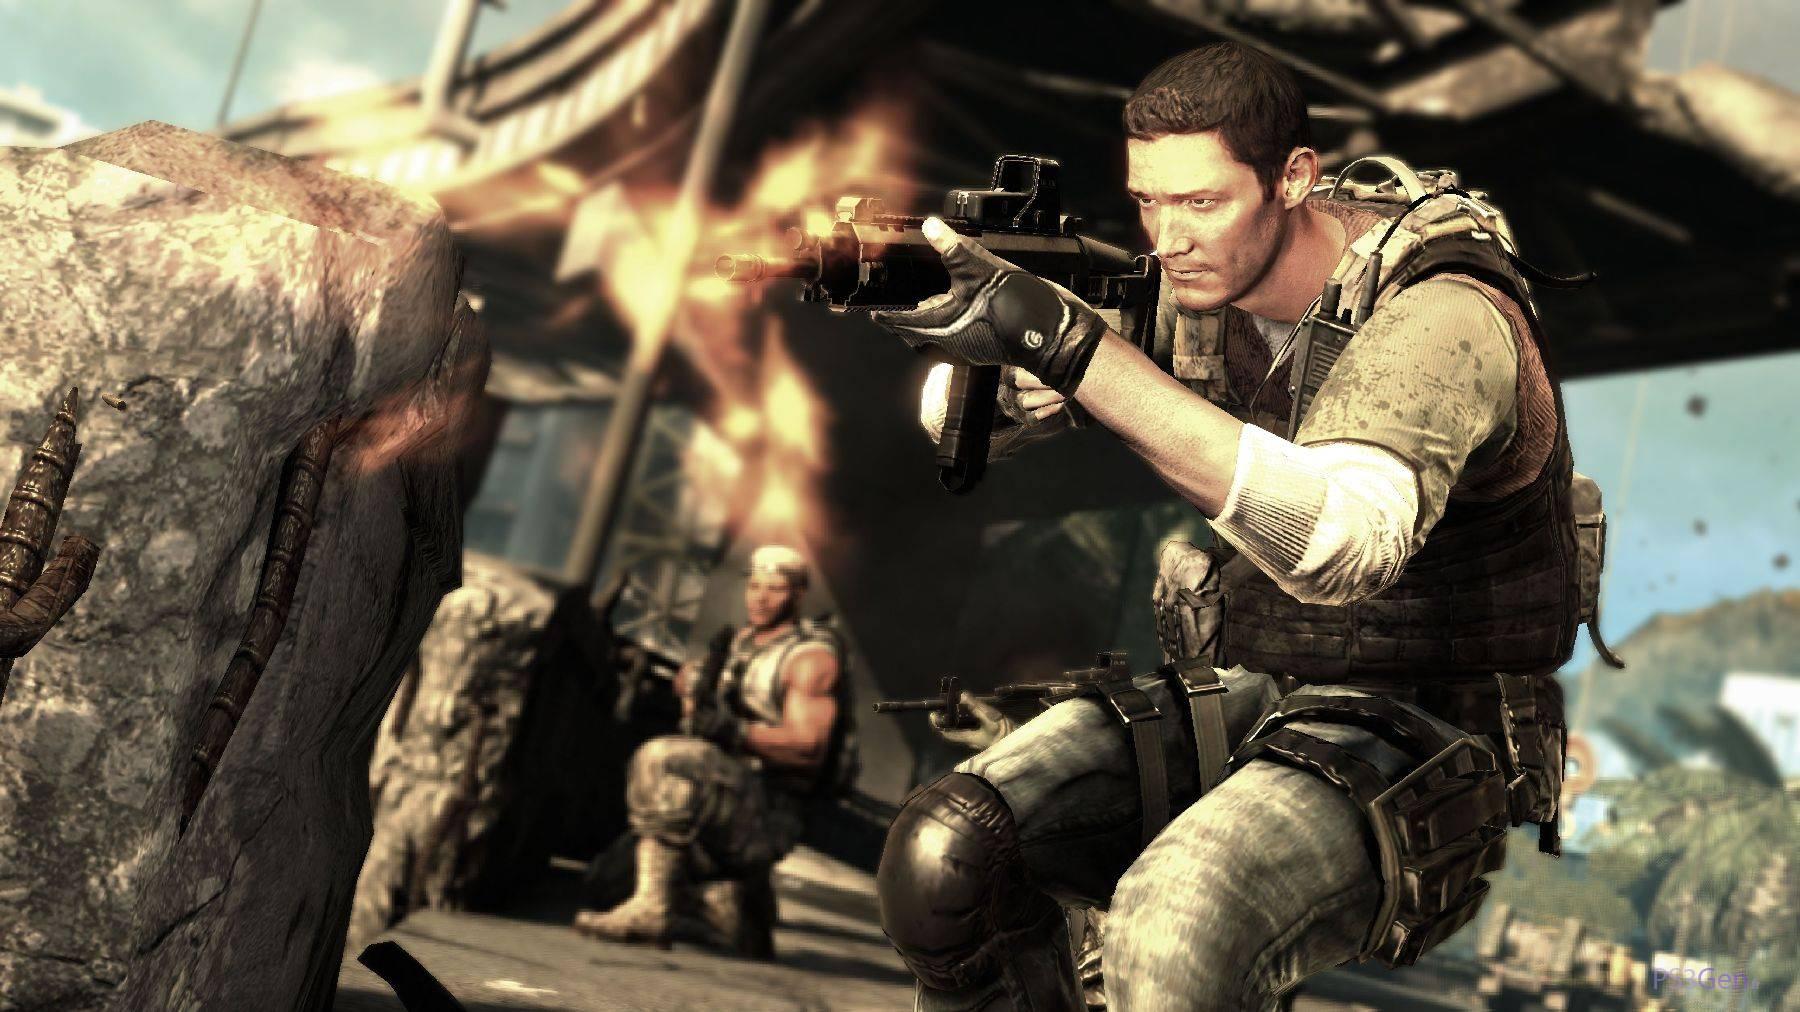 images-screenshots-captures-socom-special-forces-gamescom-19082010-04_0900047289